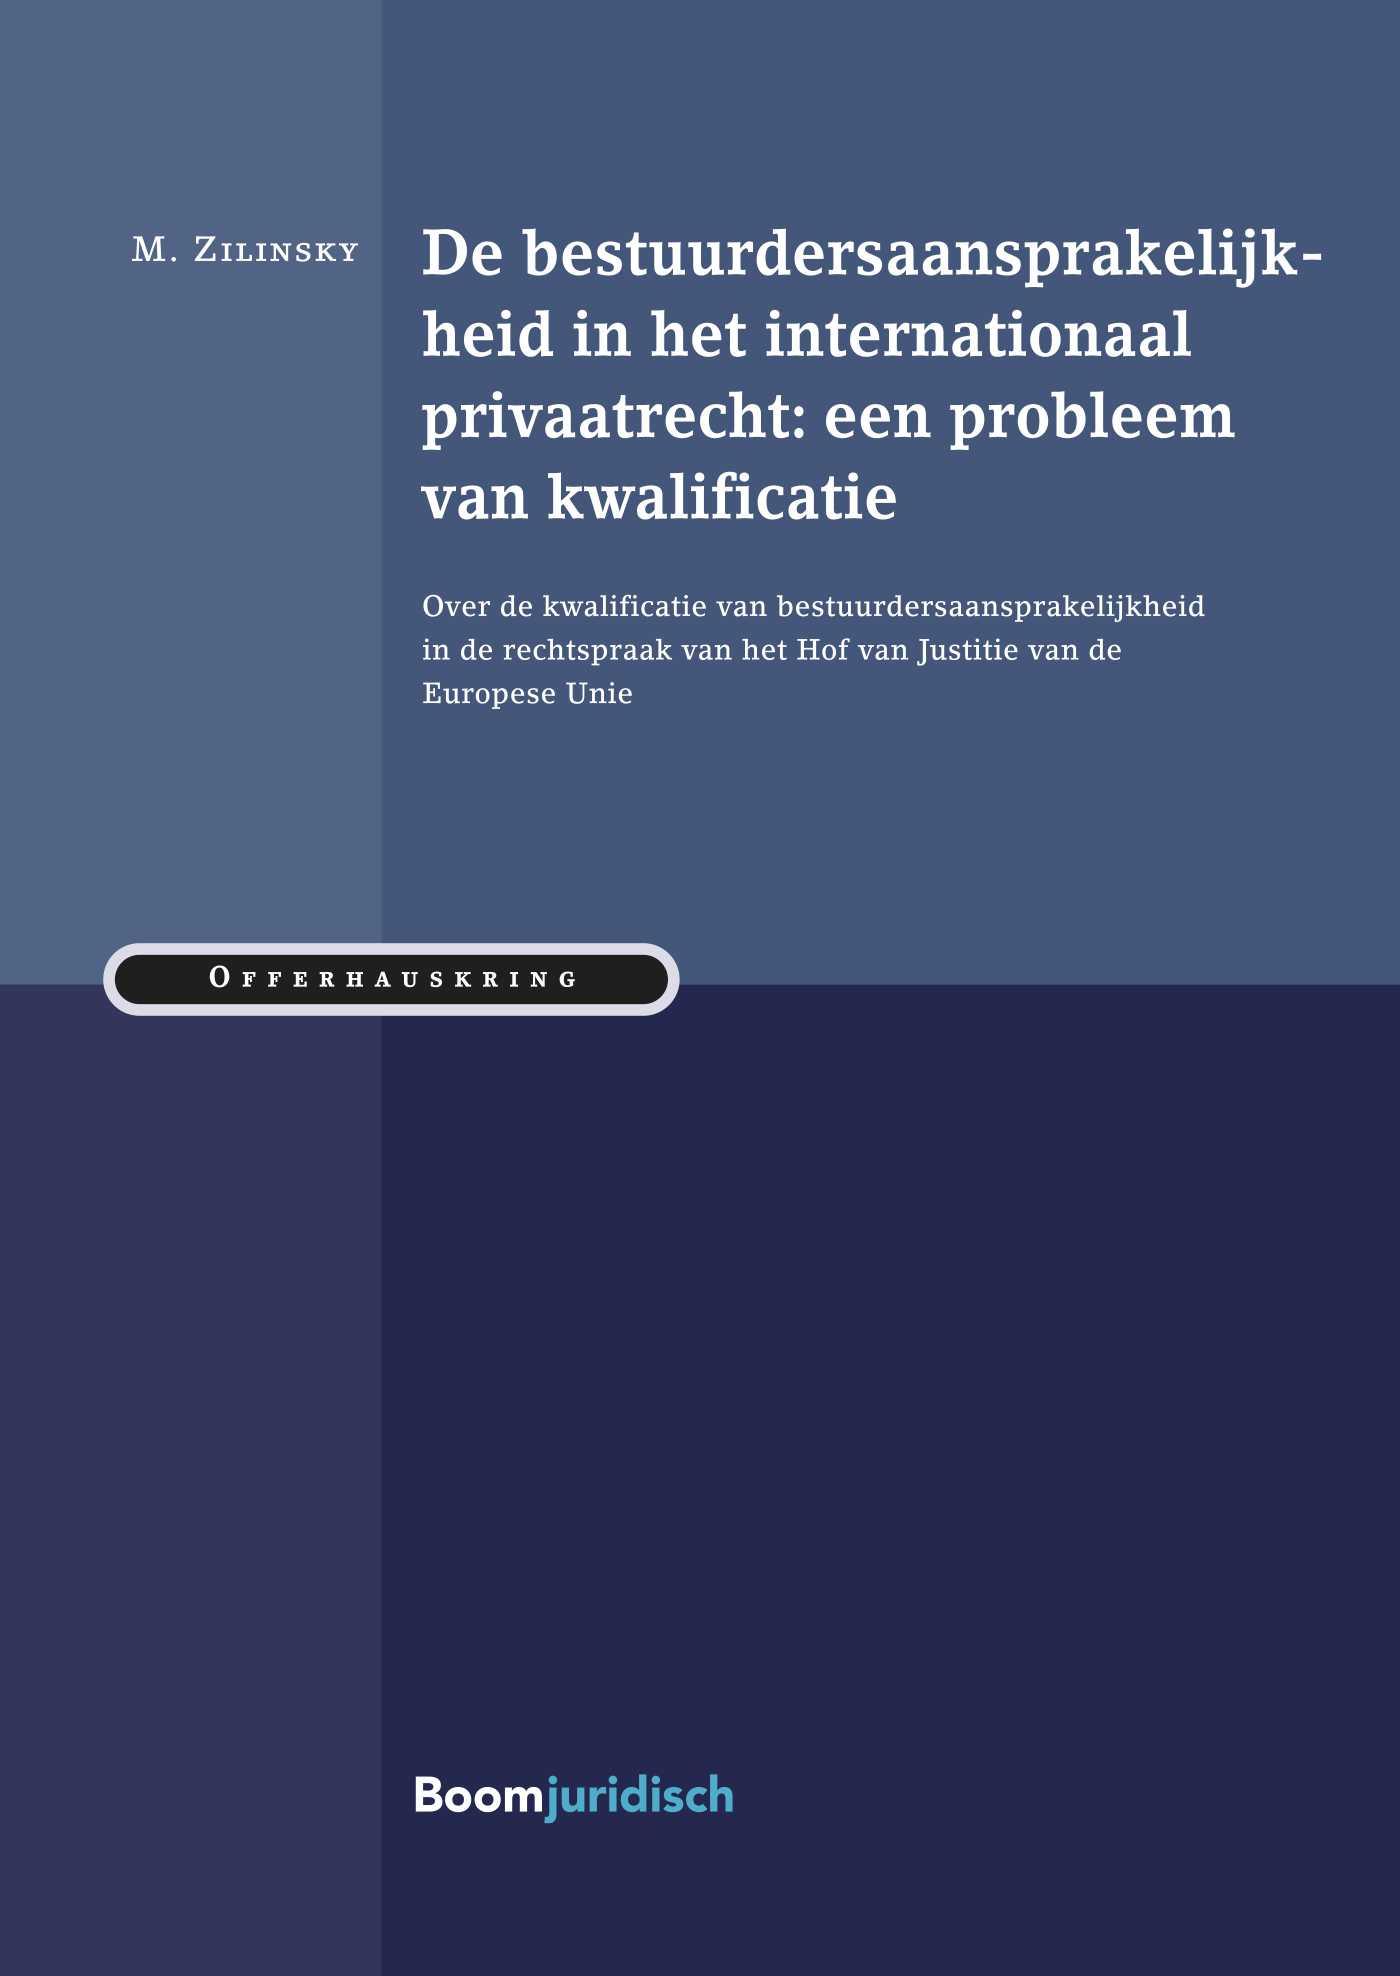 De bestuurdersaansprakelijkheid in het internationaal privaatrecht: een probleem van kwalificatie